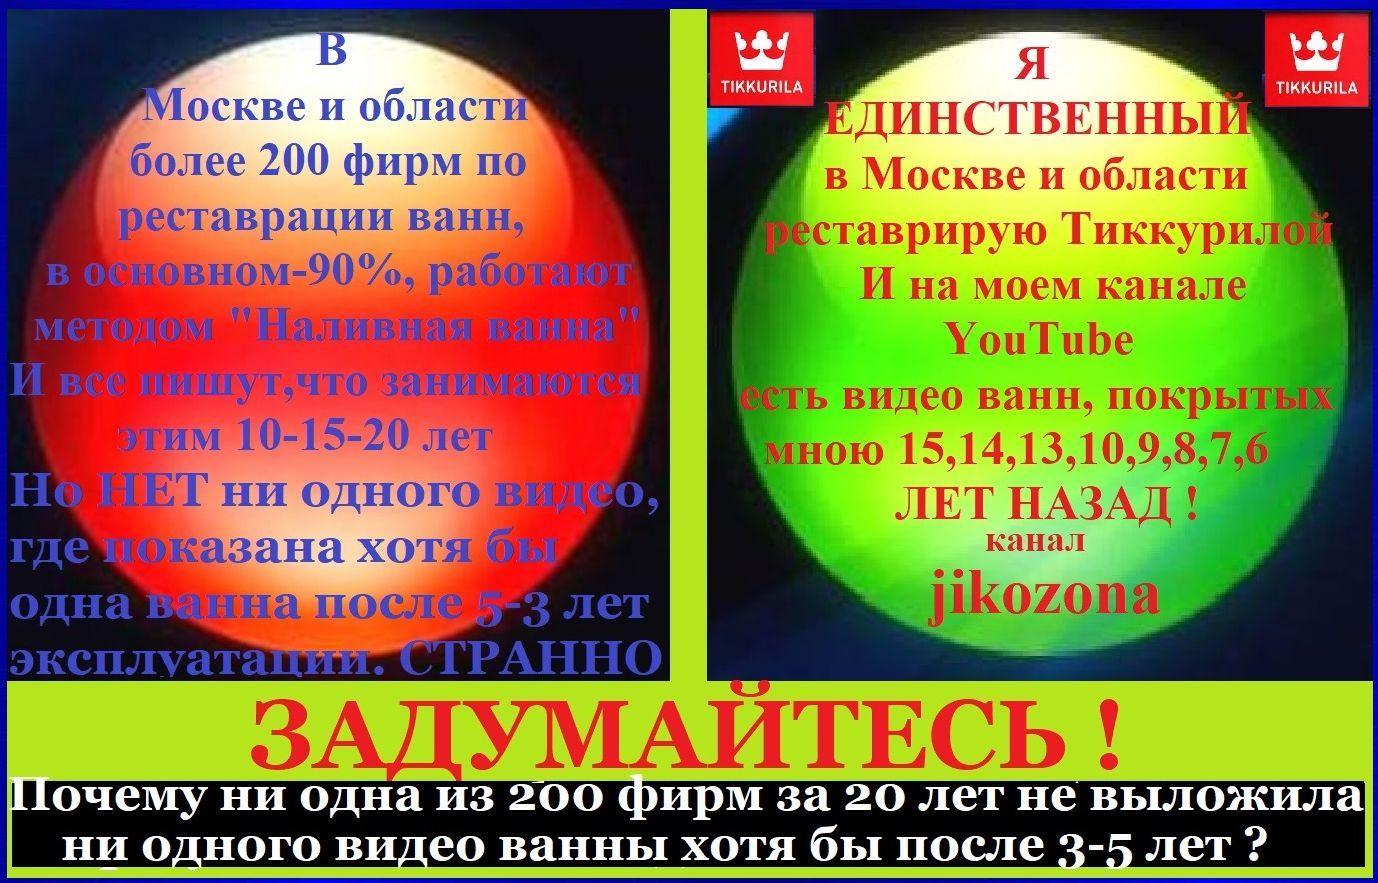 Реставрация ванн, 8-916 393-48-56 Москва